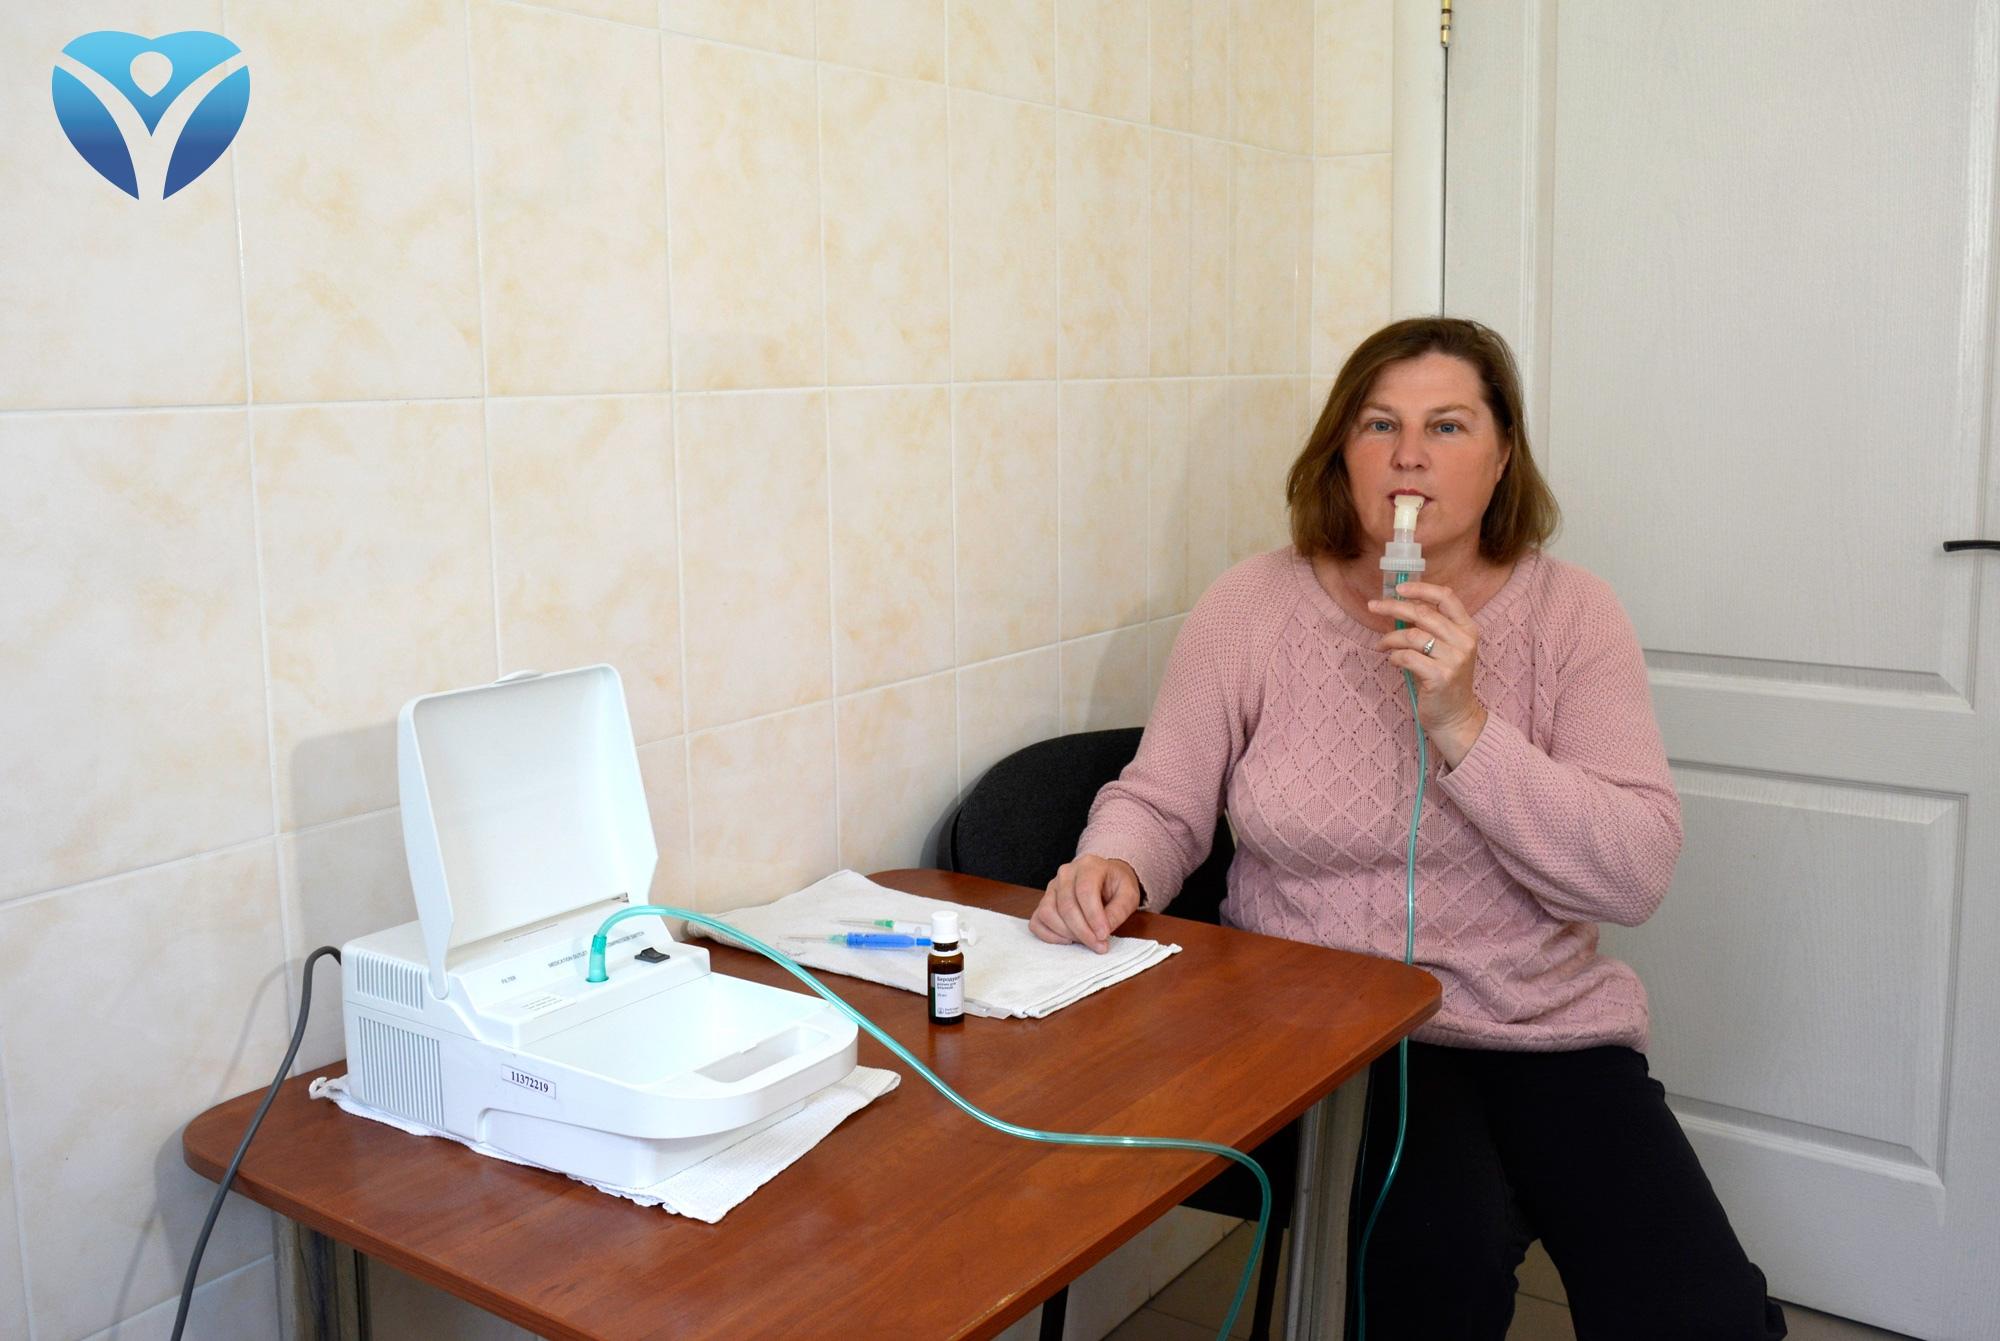 foto-2_-vita-anatolevna-ezhegodno-prohodit-profilakticheskoe-lechenie-v-oblastnoy-bolnitse